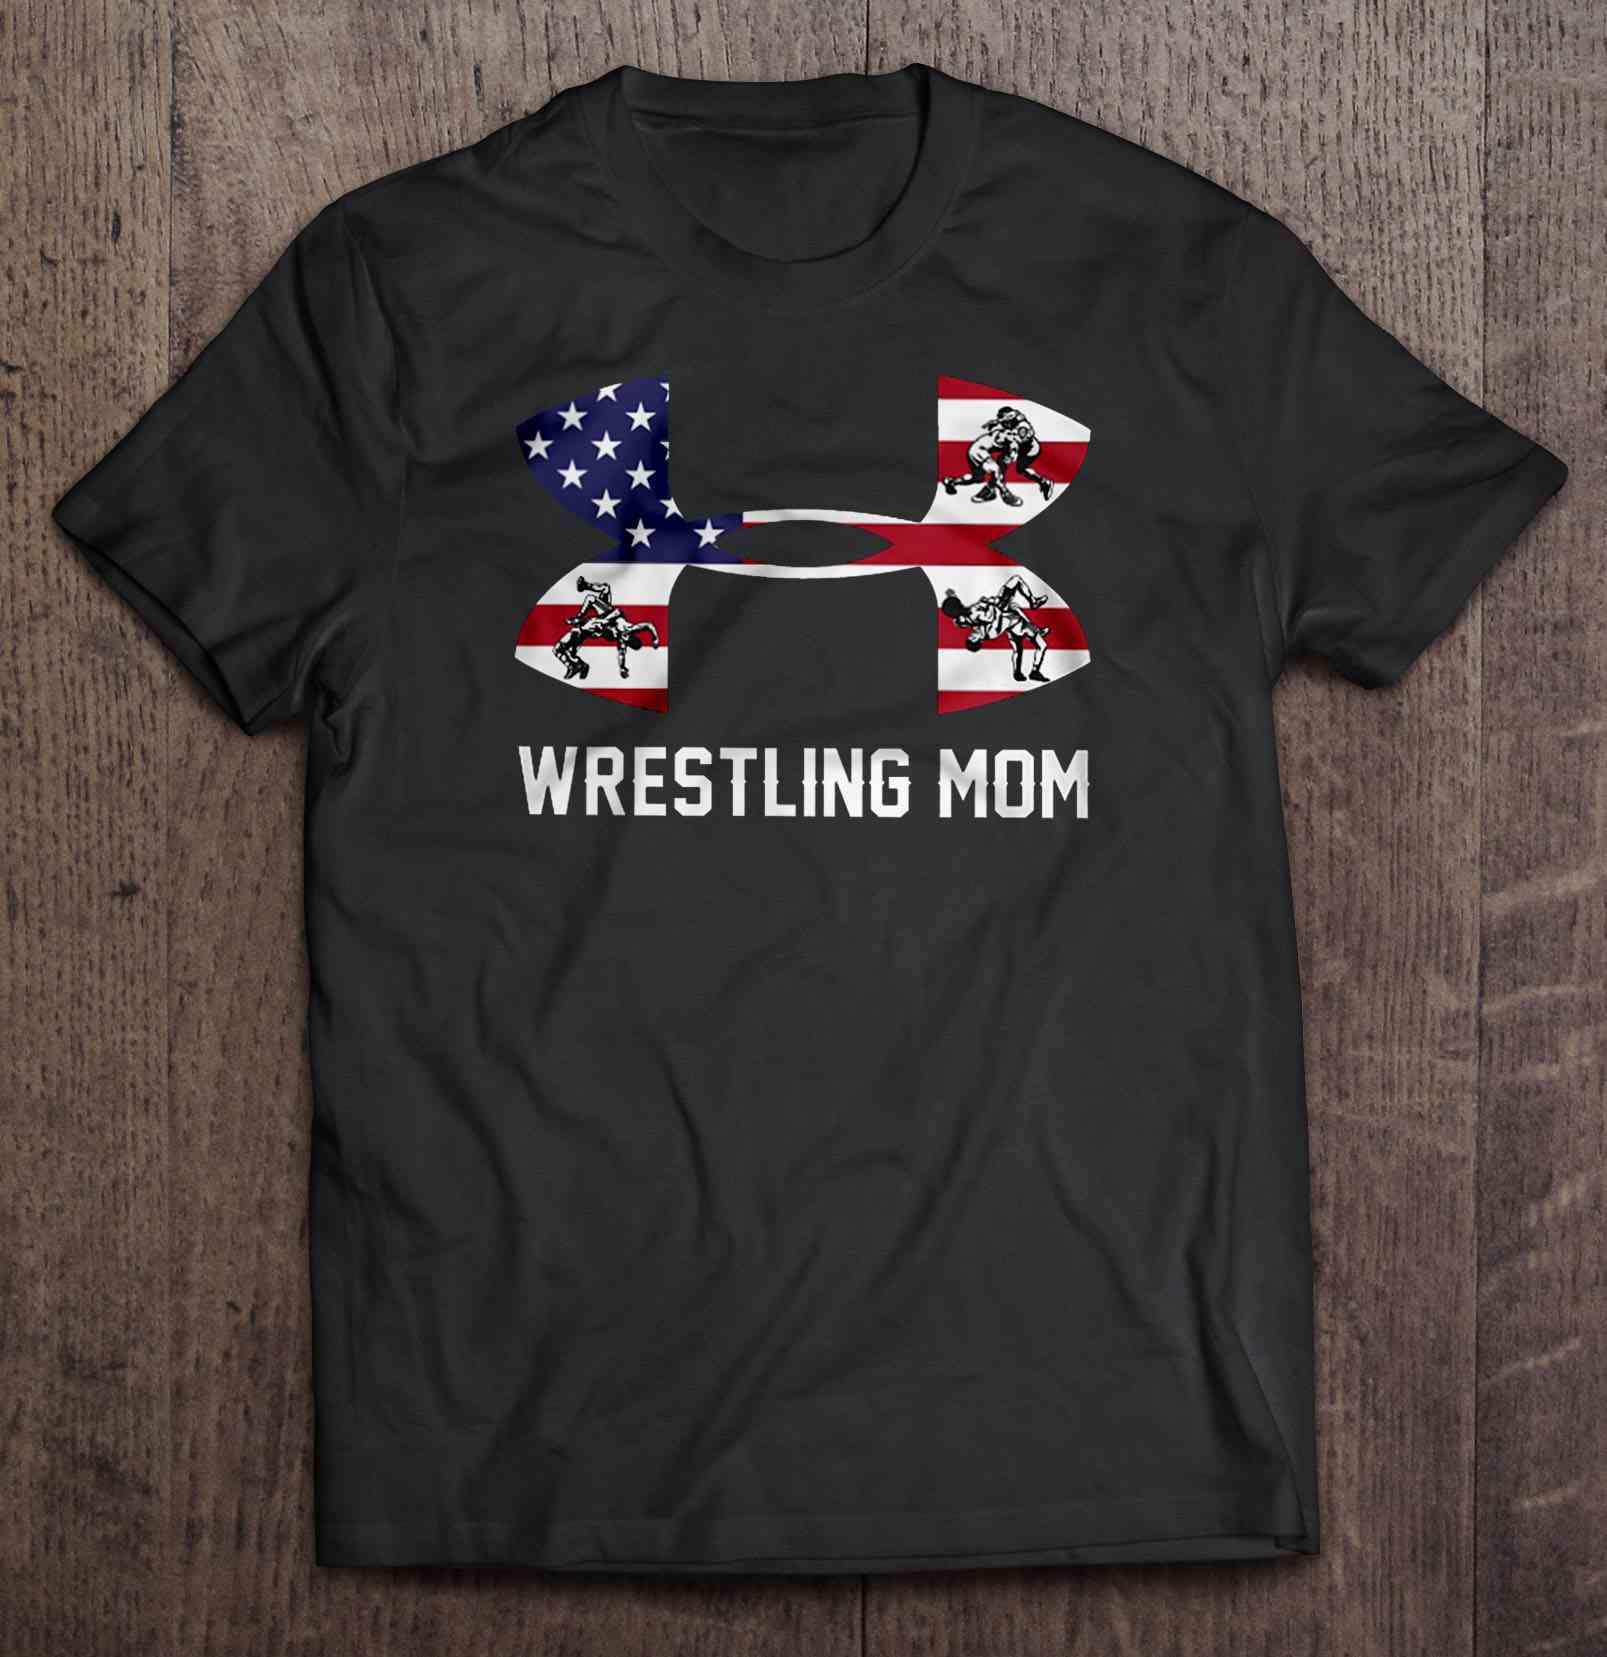 Wrestling Mom American Flag Version Tshirts